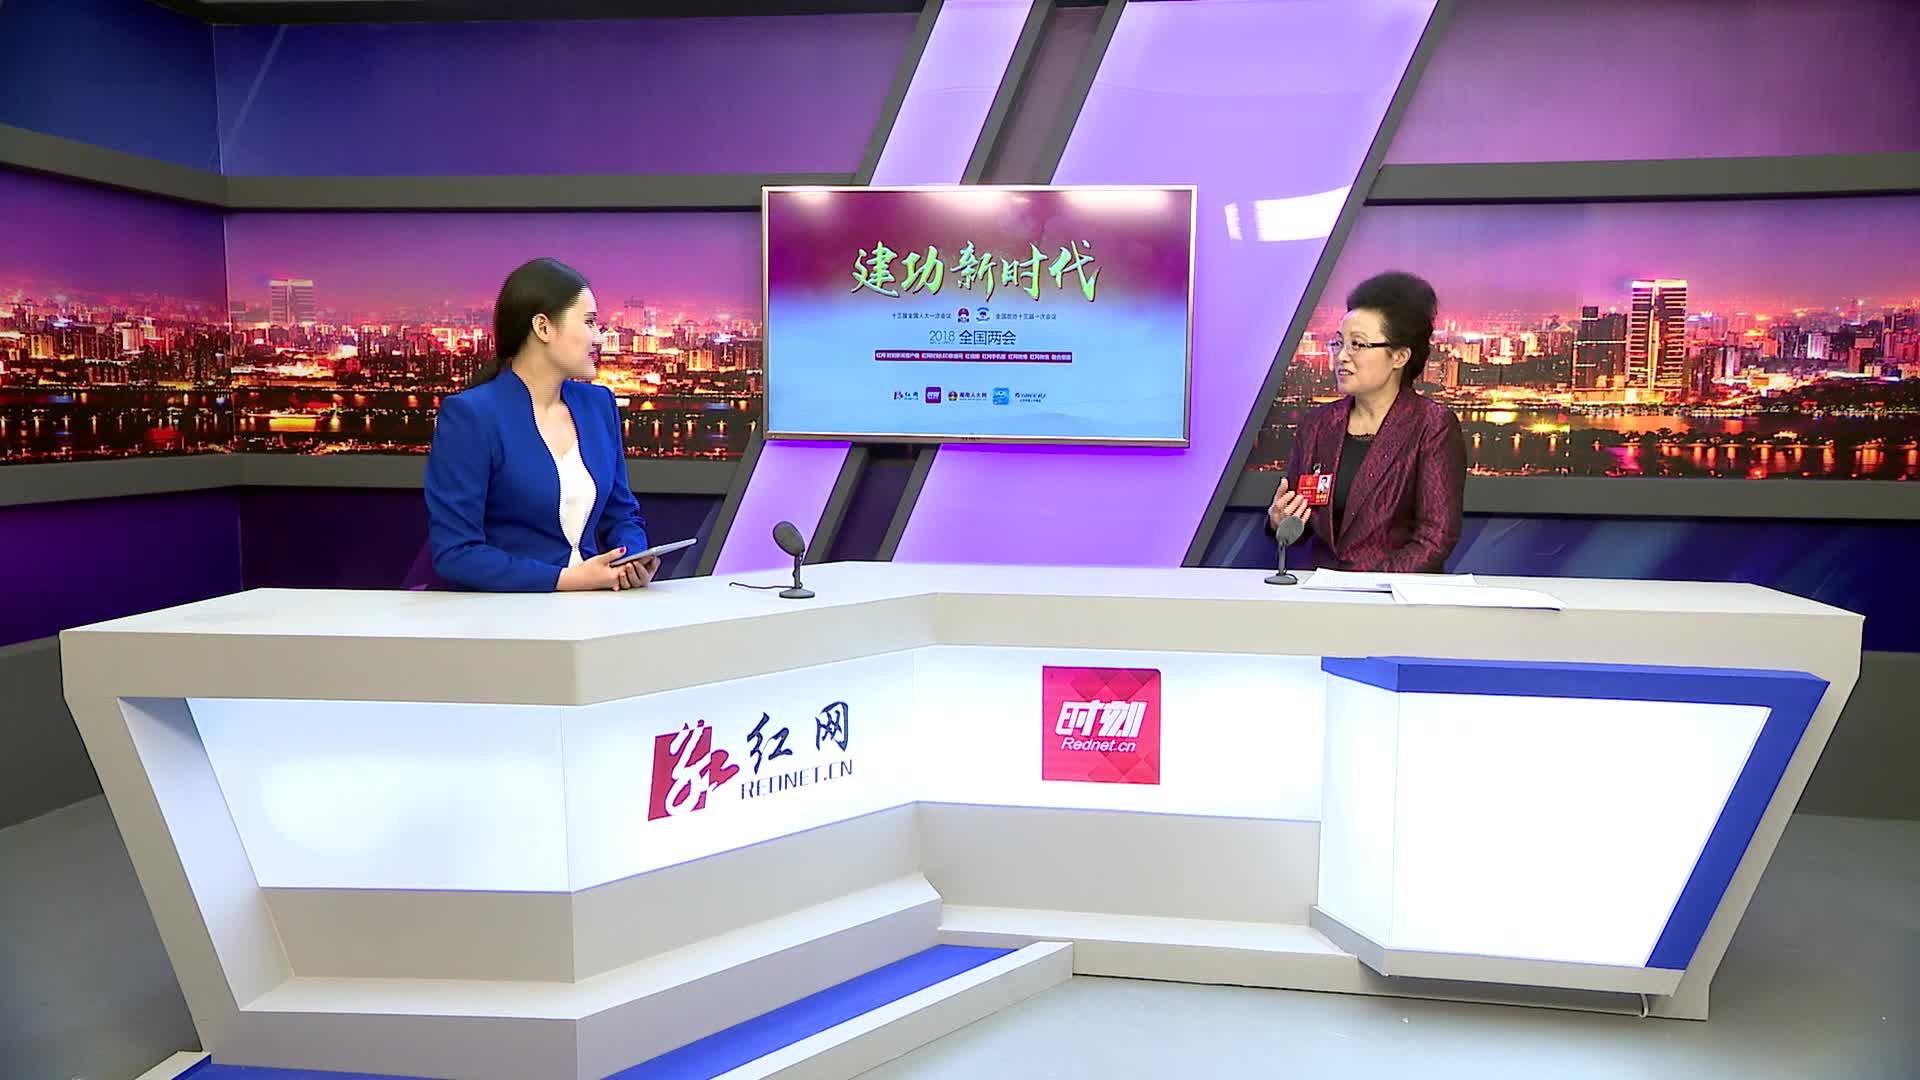 【建功新时代】全国人大代表龙晓华:湘西提高脱贫质量 每个农民要有一亩以上的特色产业